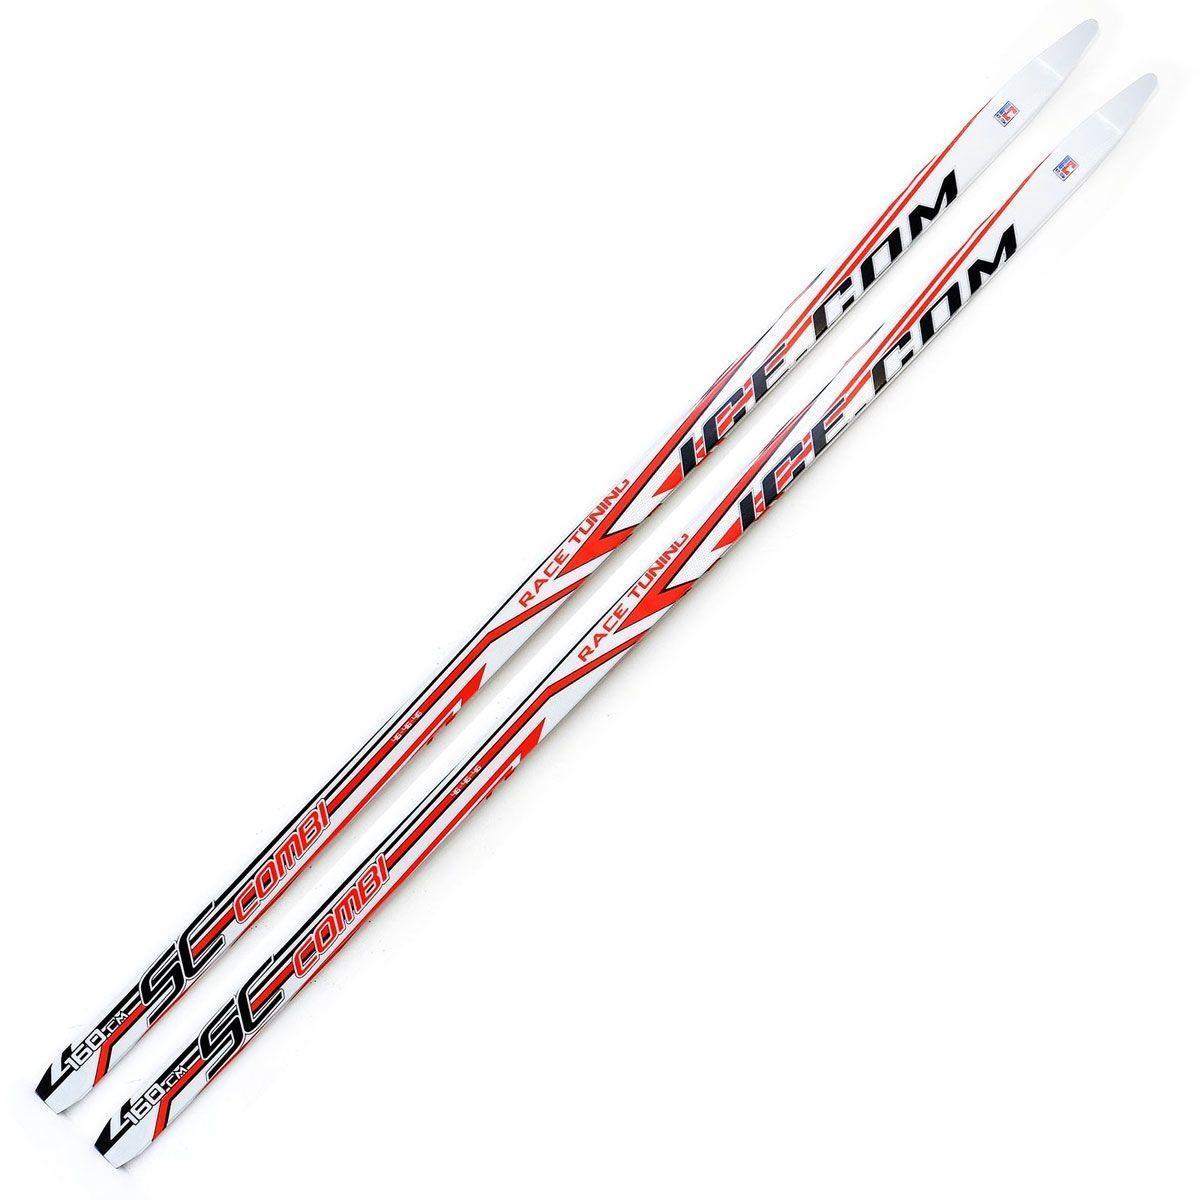 Беговые лыжи Ice.com Combi 2015 , цвет: красный, рост 150 см2400020045797Лыжи Ice.com Combi (без насечкой) предназначены для активного катания и прогулок по лыжне как классическим стилем, так и коньковым (свободным) ходом. Особенности: Технология CAP - высокотехнологичный ABS пластик; Скользящая поверхность из экструдированного полиэстера; Облегченный деревянный клин c воздушными каналами;